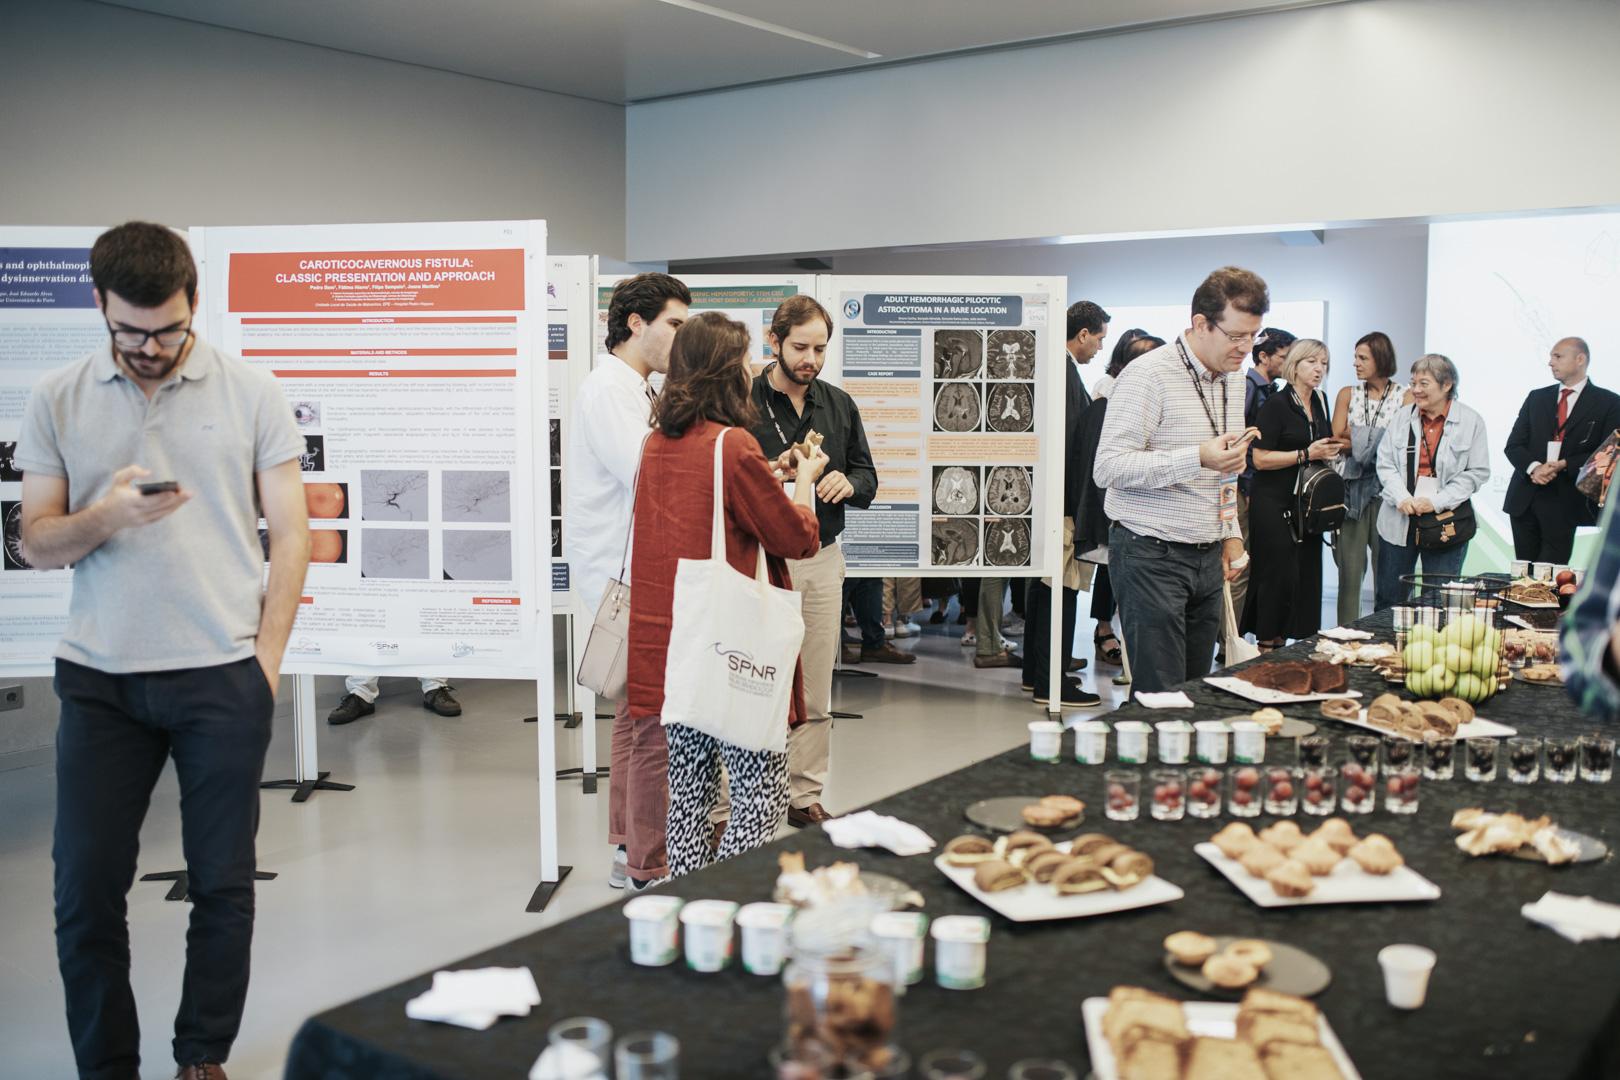 XV Congresso da SPNR - Open Space com Exposição de Posters e serviço de Coffee-Break durante o evento